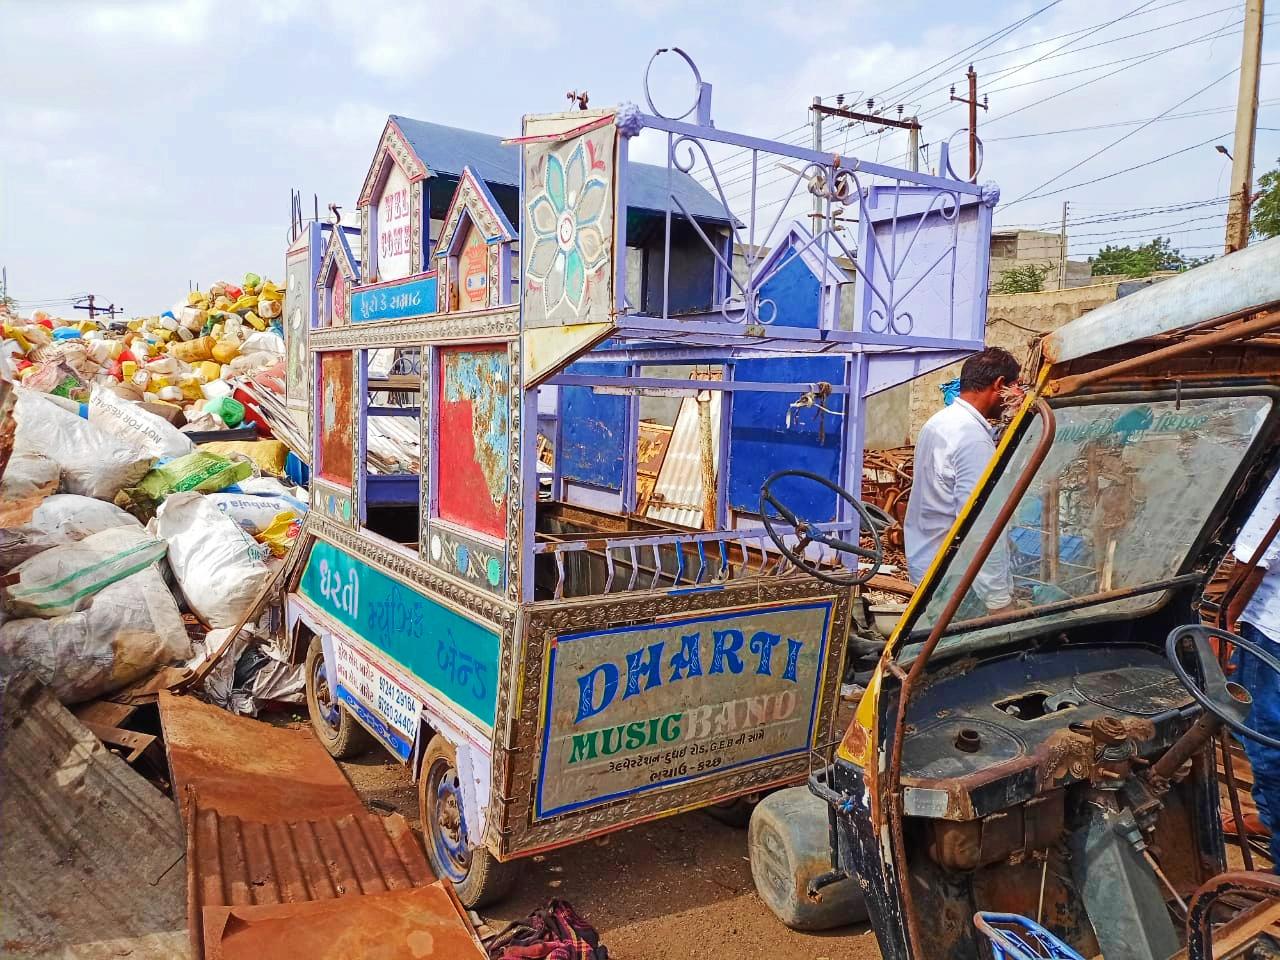 કોરોના કાળમાં બેન્ડ વાજા શાંત રહેતા સંચાલકે ભંગારના ભાવે બેન્ડ ગાડી વેચવી પડી|ભુજ,Bhuj - Divya Bhaskar